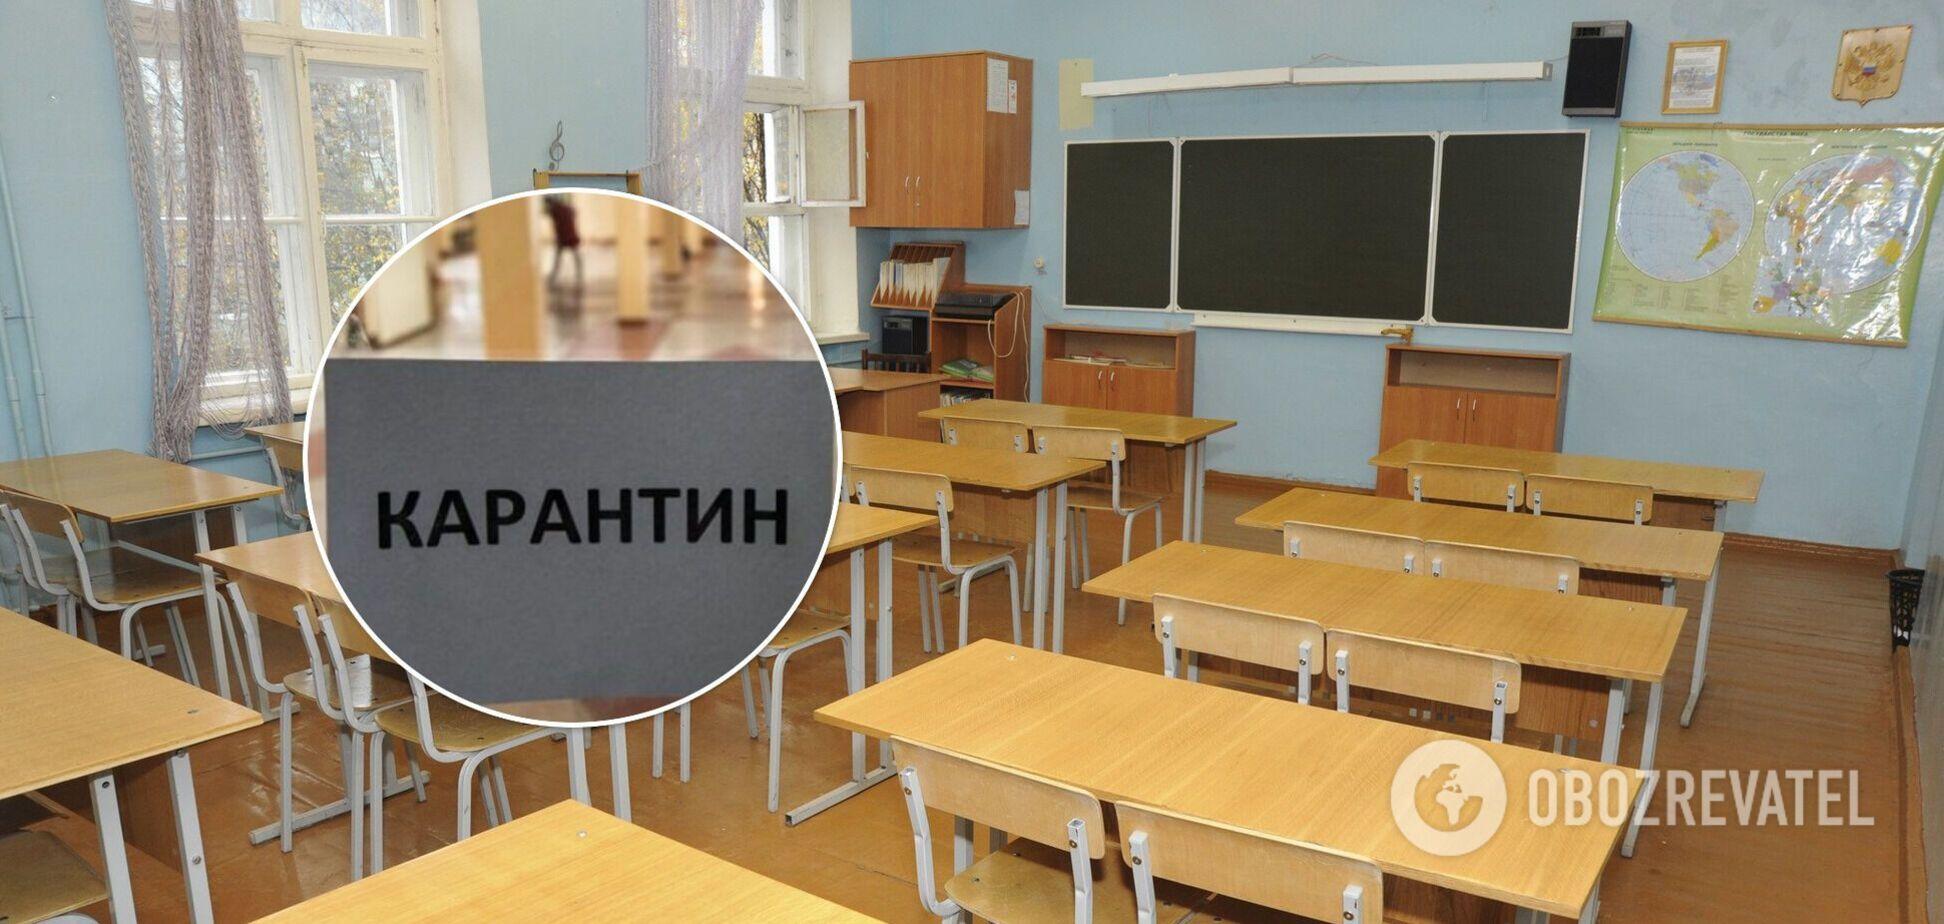 Министр разъяснил, как должны работать школы в карантин